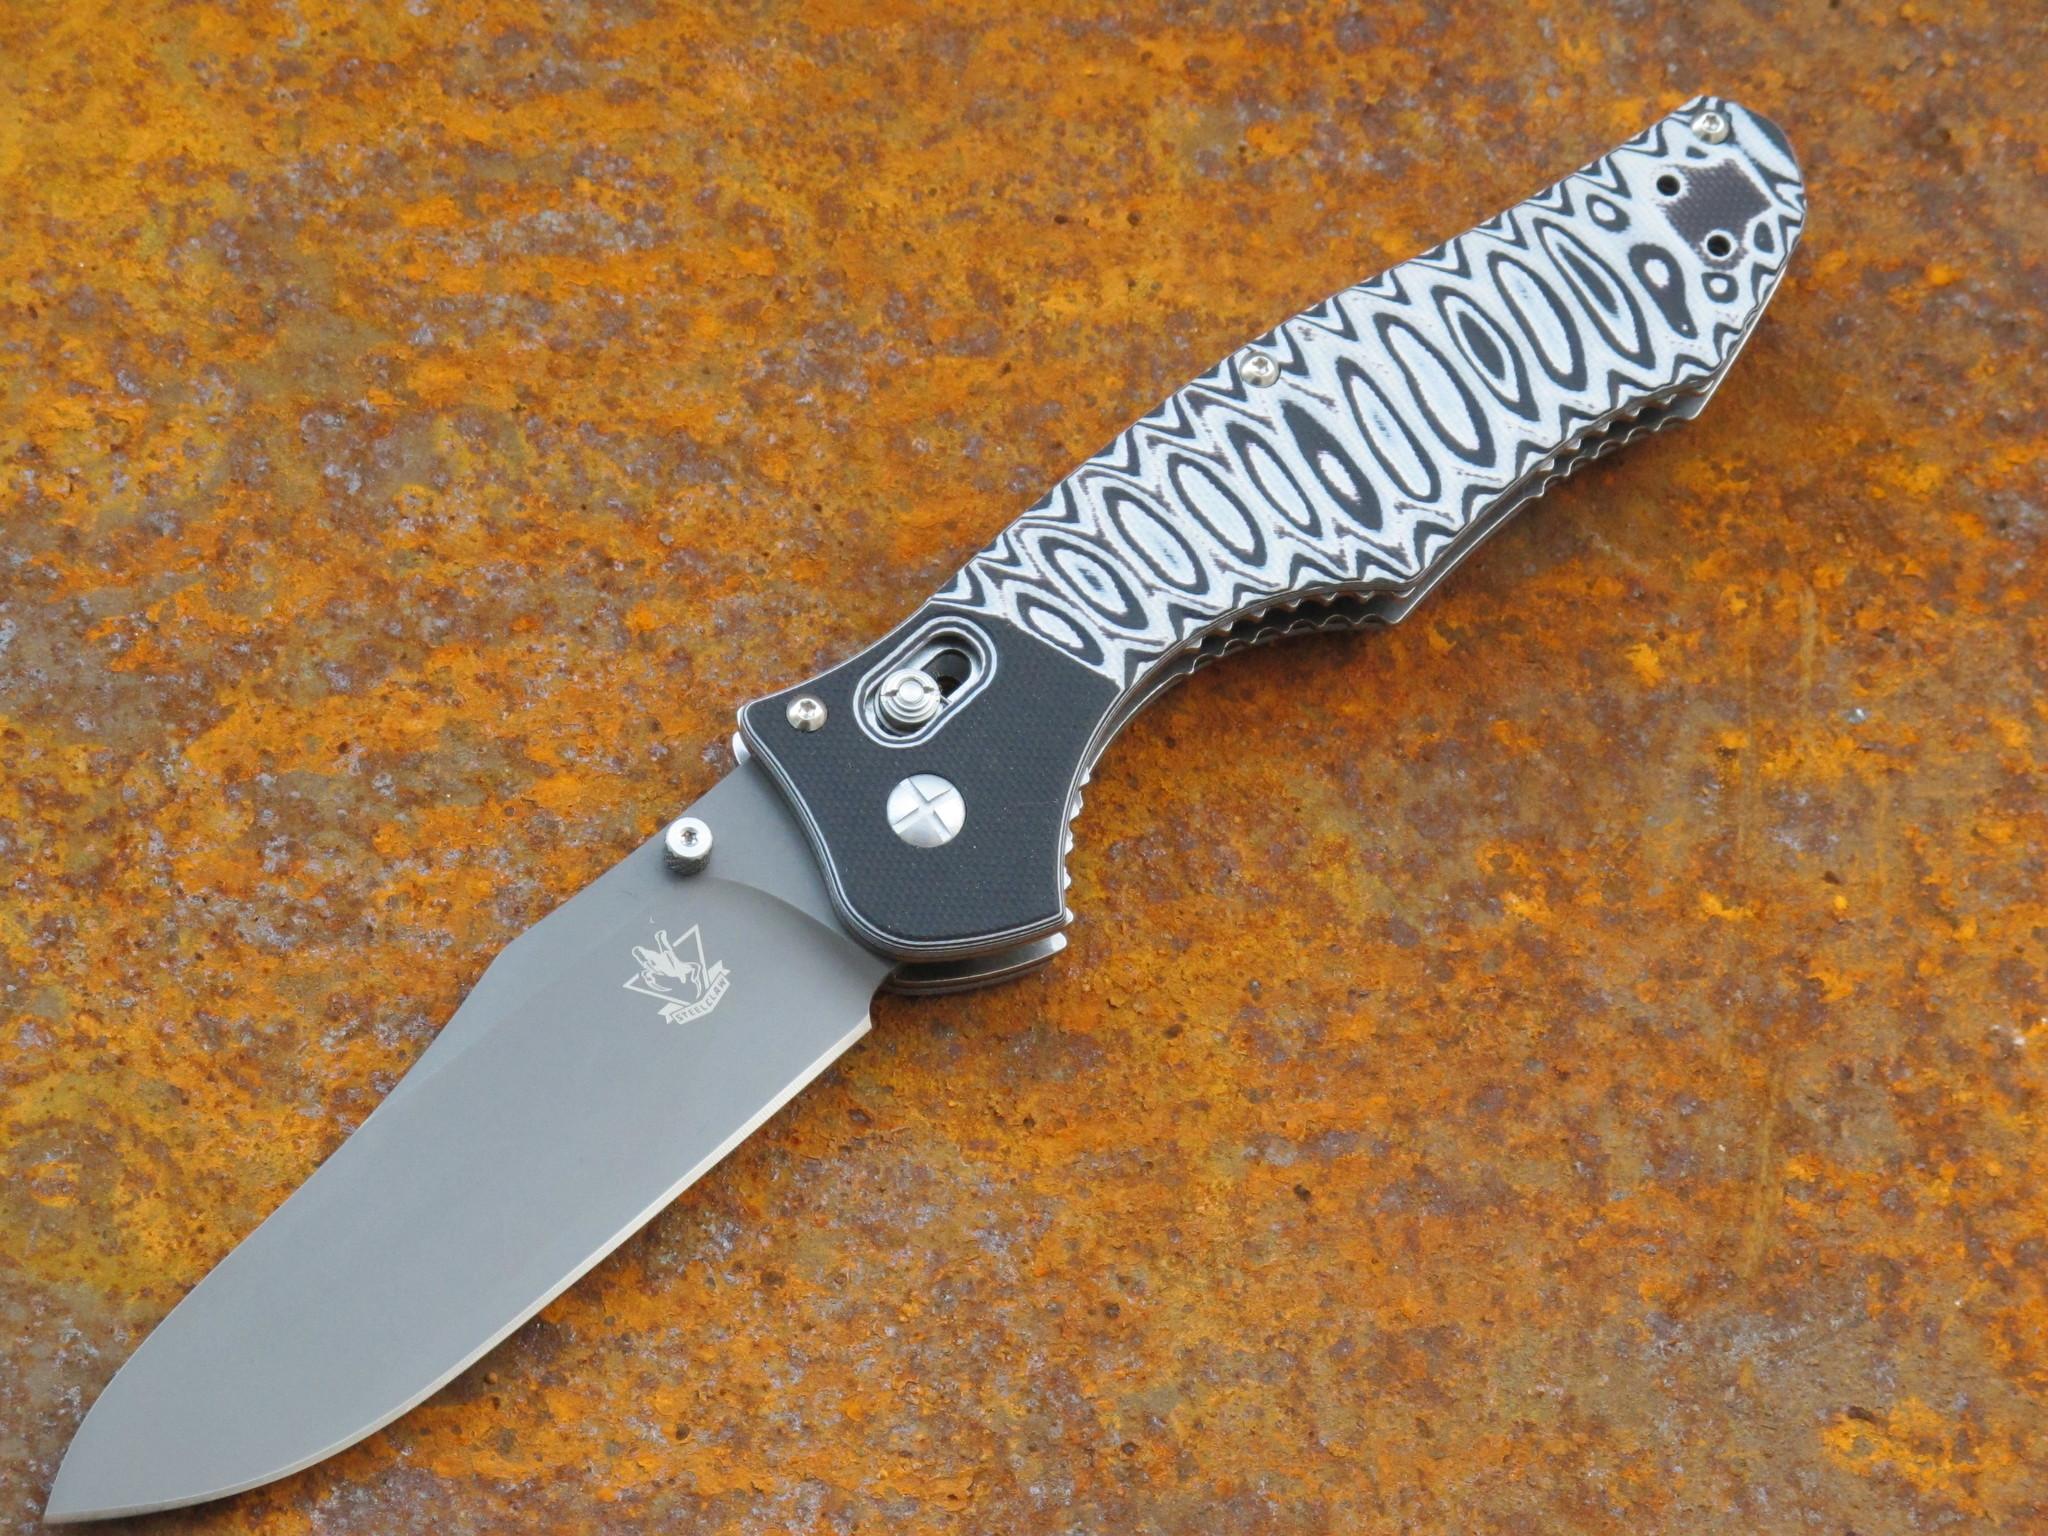 Складной  нож Steelclaw СателлитРаскладные ножи<br>Складной нож Сателлит представляет собой универсальный инструмент, который пригодится в путешествии, в походе или в офисной рутине. Создатели этой модели продумали все до мелочей. Сатин на клинке и двухцветный материал на рукояти делают нож стильным аксессуаром. Клинок рассчитан на работу по продуктам, строгание древесины, а также для чистки рыбы. Эргономичная рукоять удобно ложится в руку любого размера. Нож легко и быстро открывается с помощью двухстороннего шпенька. Нож можно открыть любой рукой, как правой, так и левой.<br>марка стали:9Cr18MoVдлина общая: 232мм,длина клинка :102мм,толщина клинка: 4ммматериал рукояти:G10тип замка:Axis lockтвердость:57- 58 HRC<br>